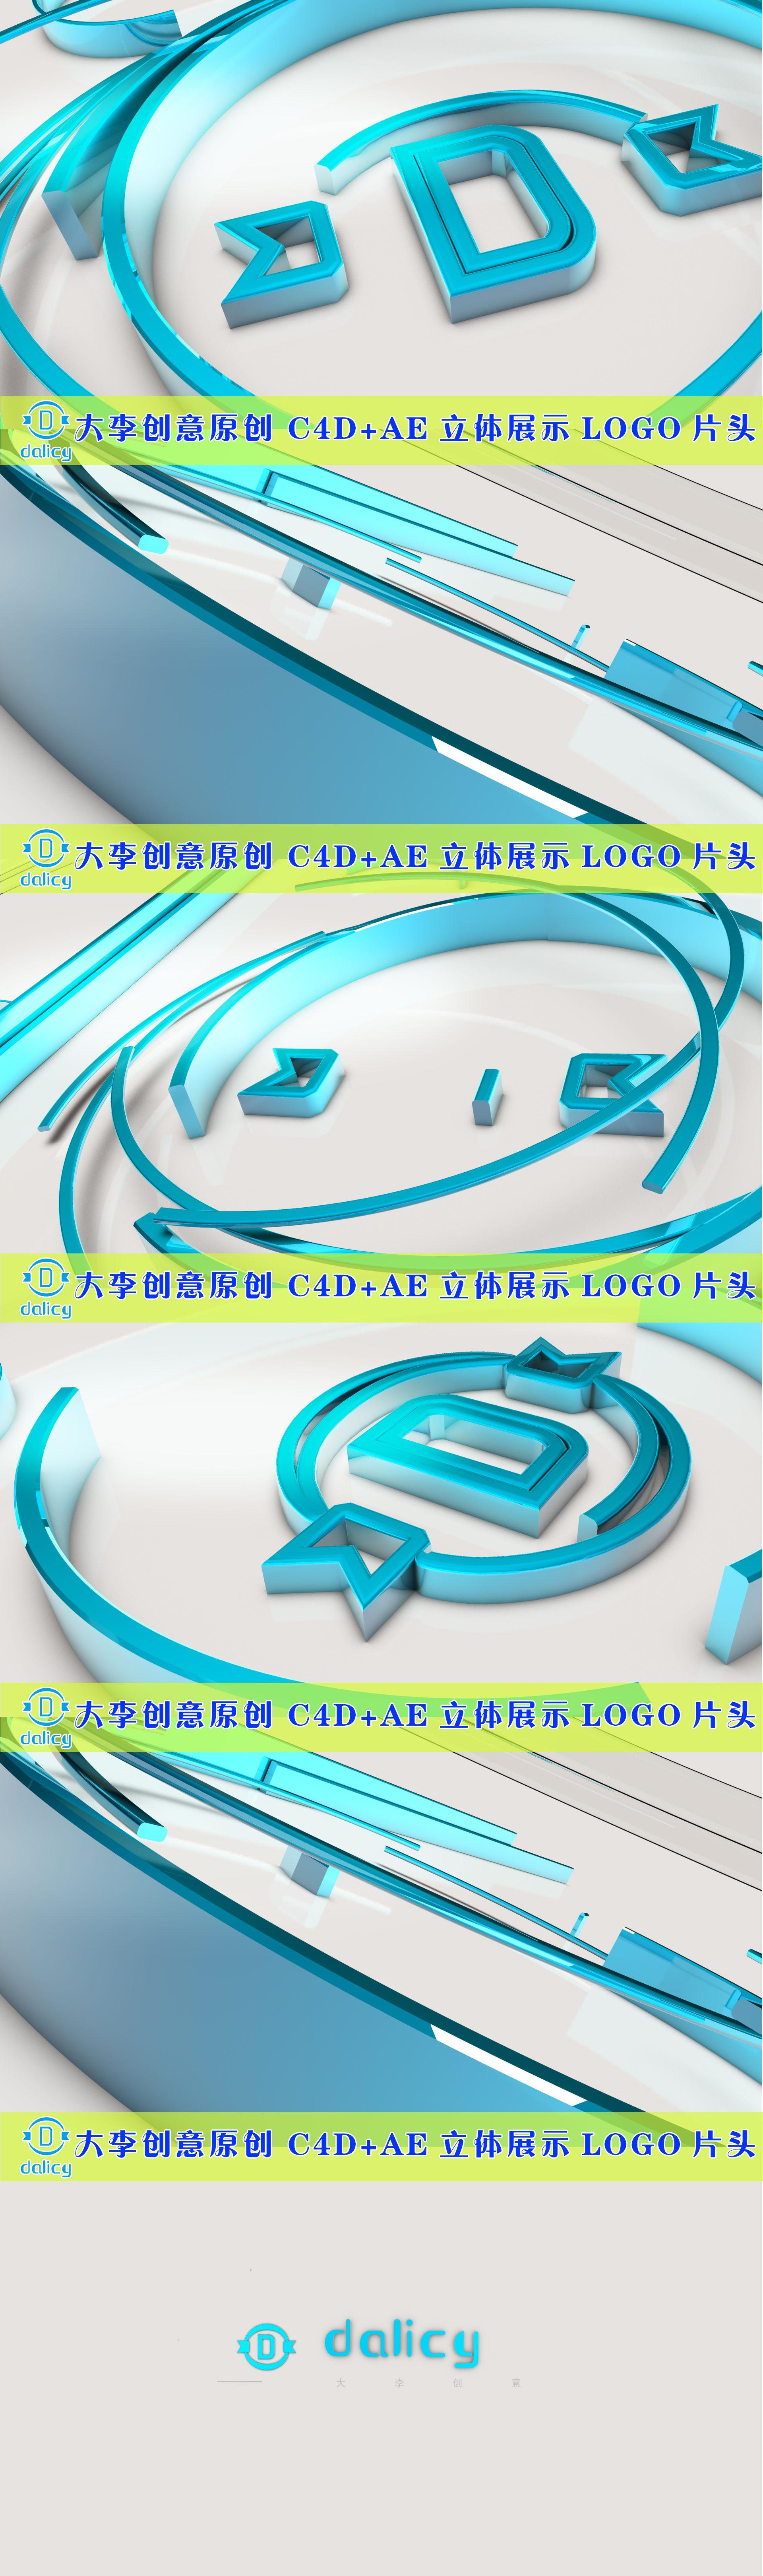 原创c4d+ae立体展示logo片头高清